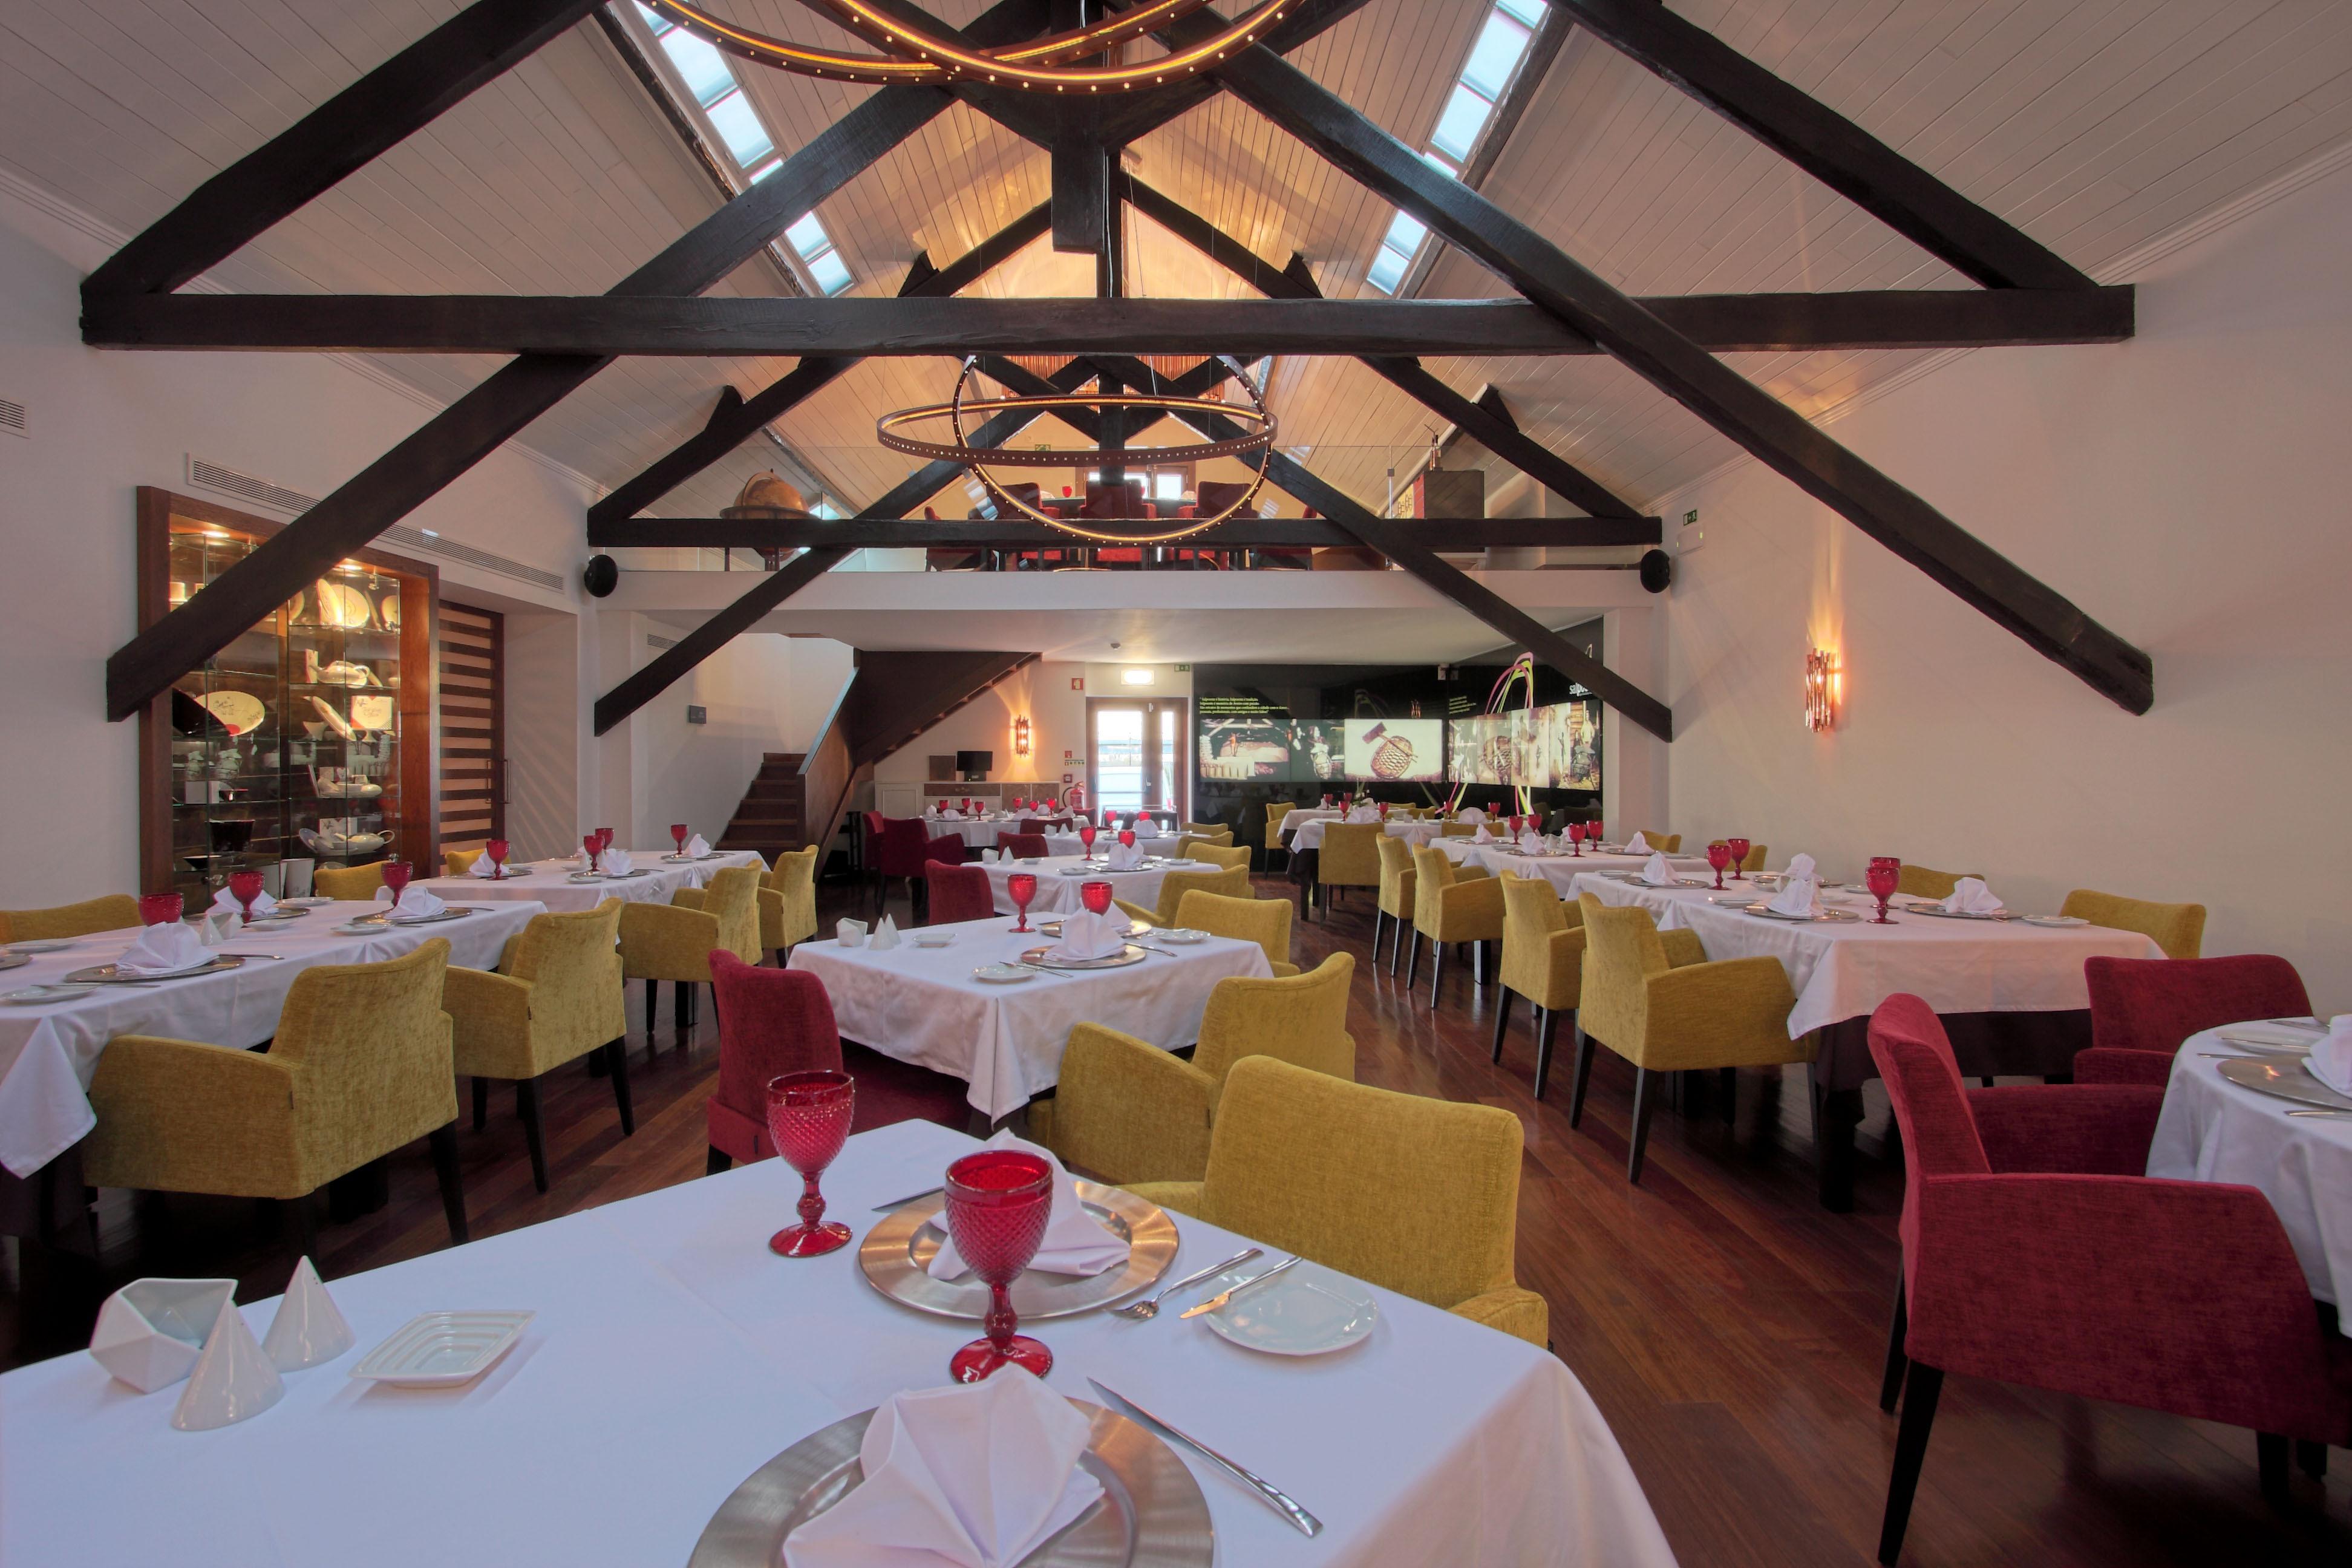 Best Restaurants in Central Portugal restaurants Best Restaurants in Central Portugal Restaurant Salpoente 1